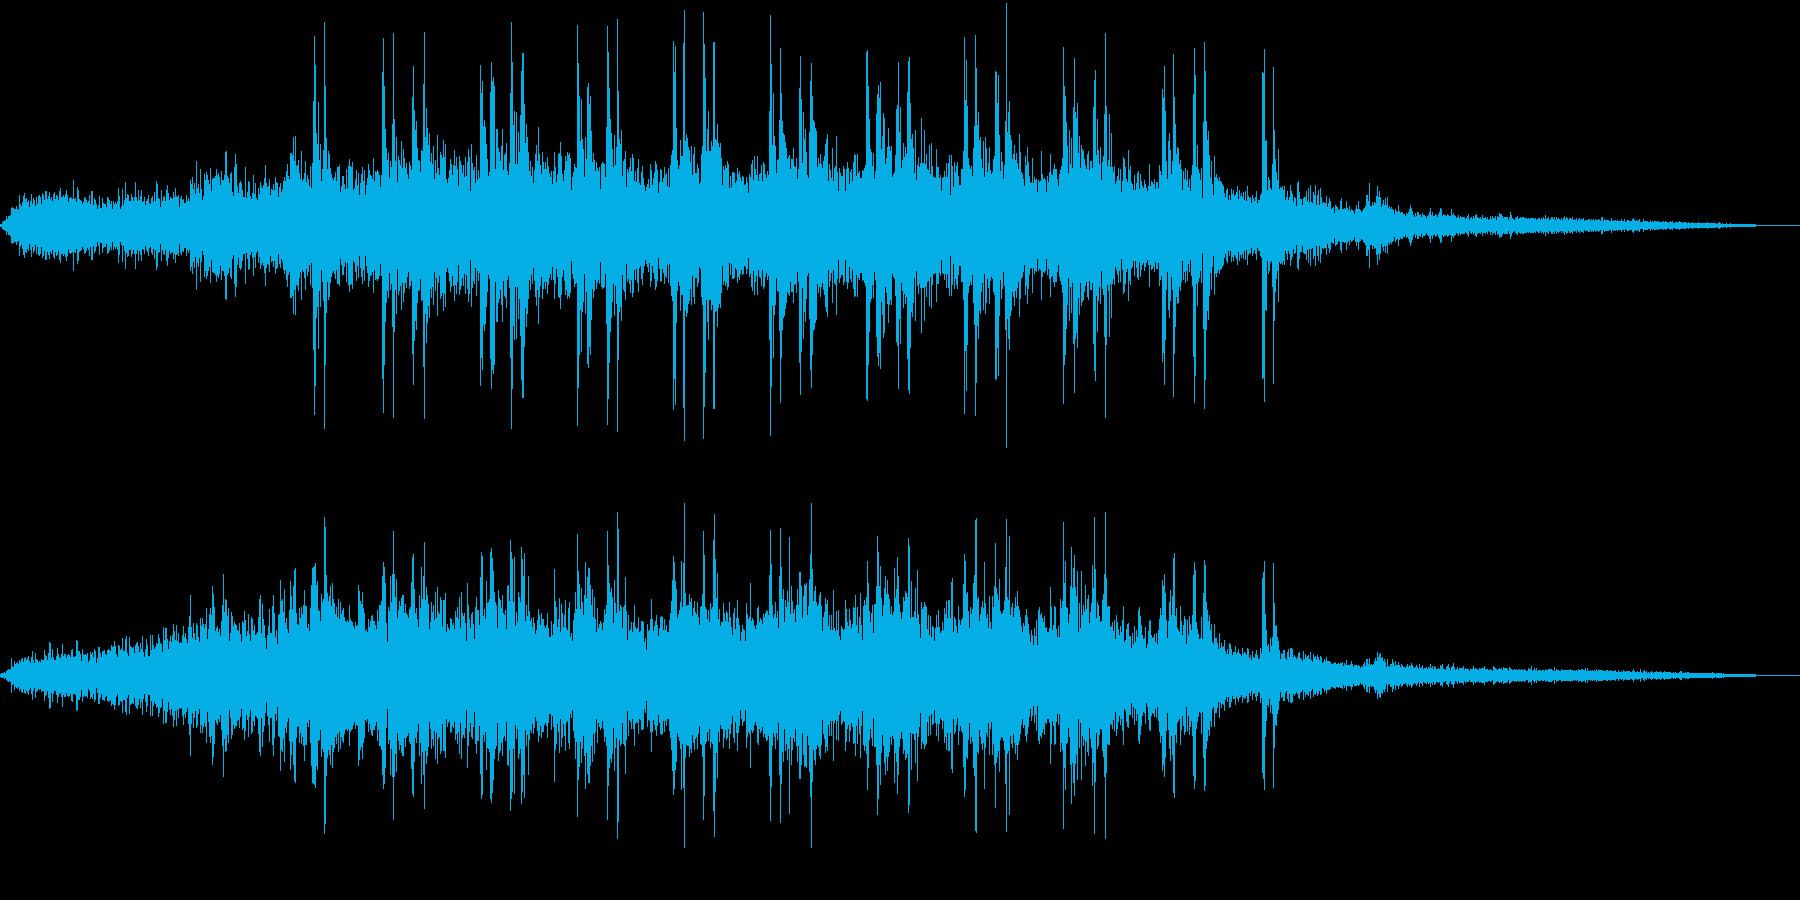 【生録音】高架下で頭上を電車が通過する音の再生済みの波形